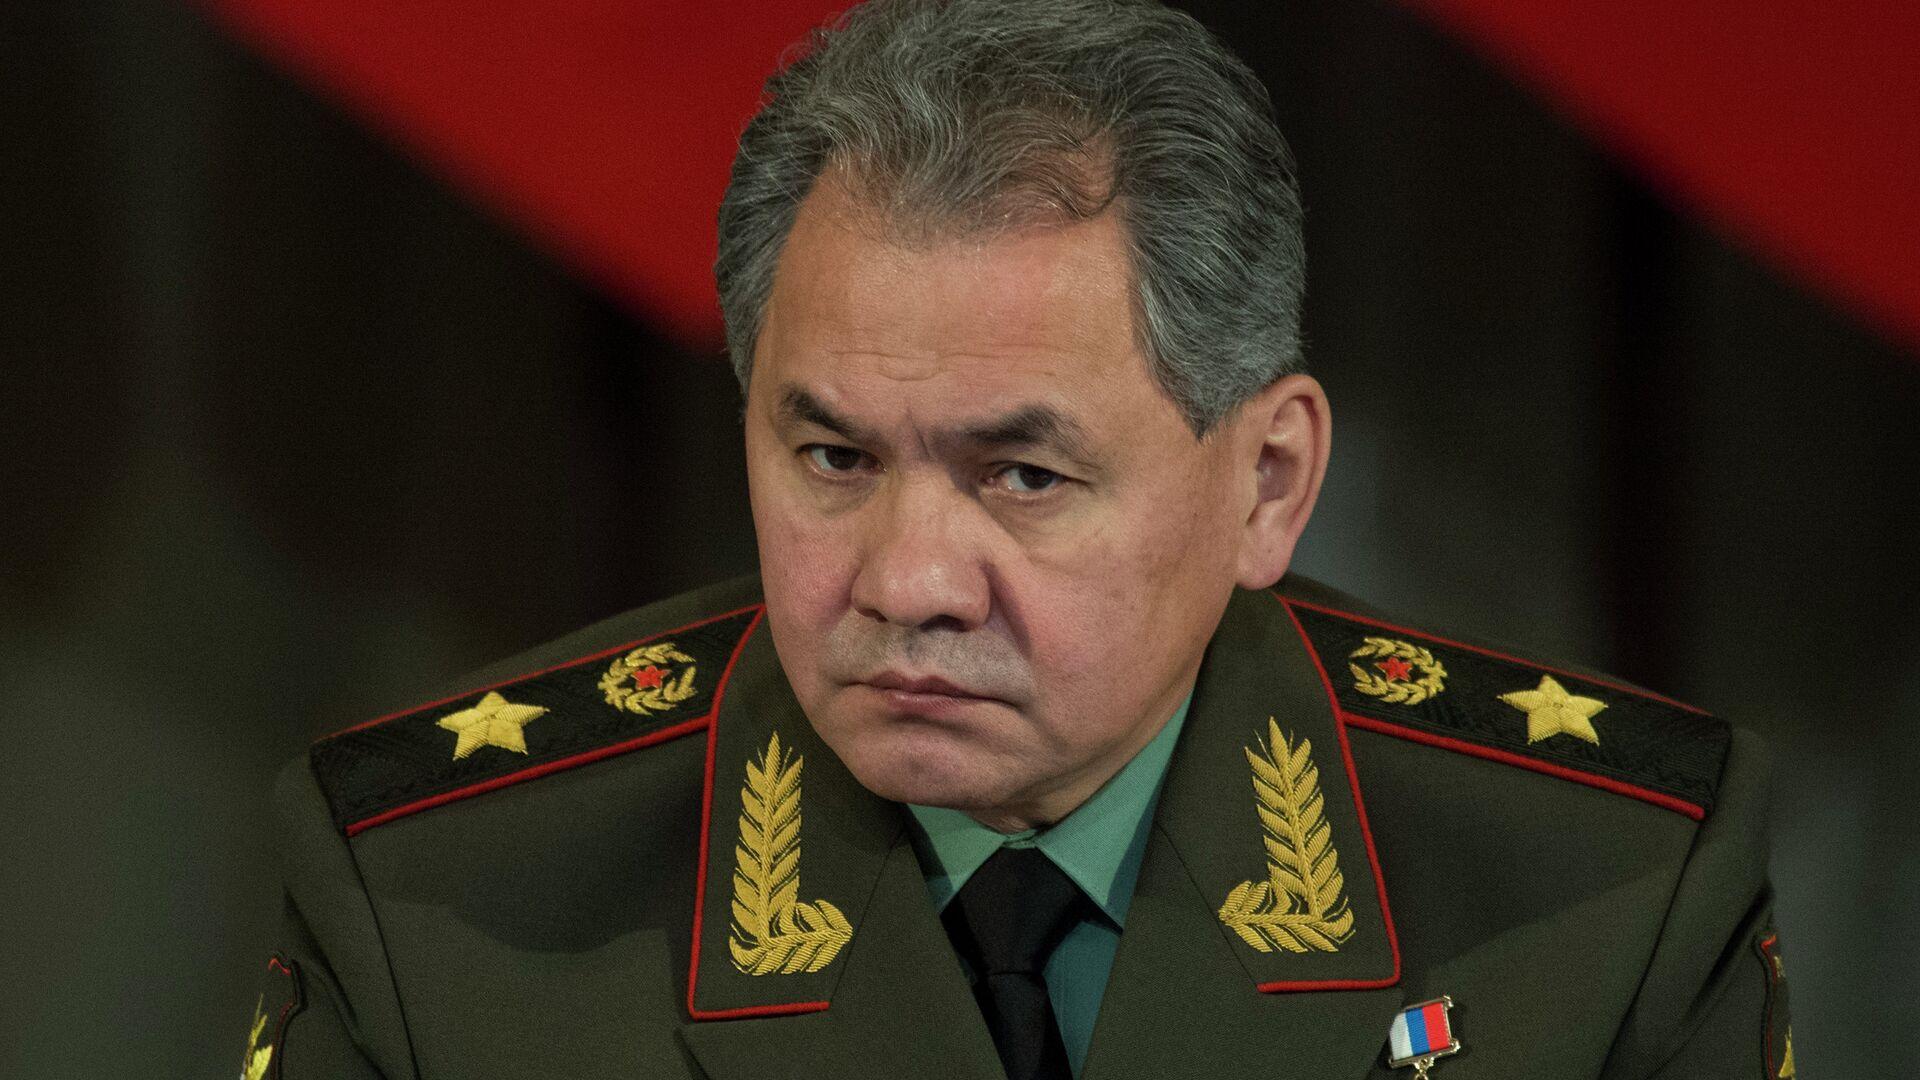 Шойгу рассказал, когда будут готовы предложения по развитию Сибири